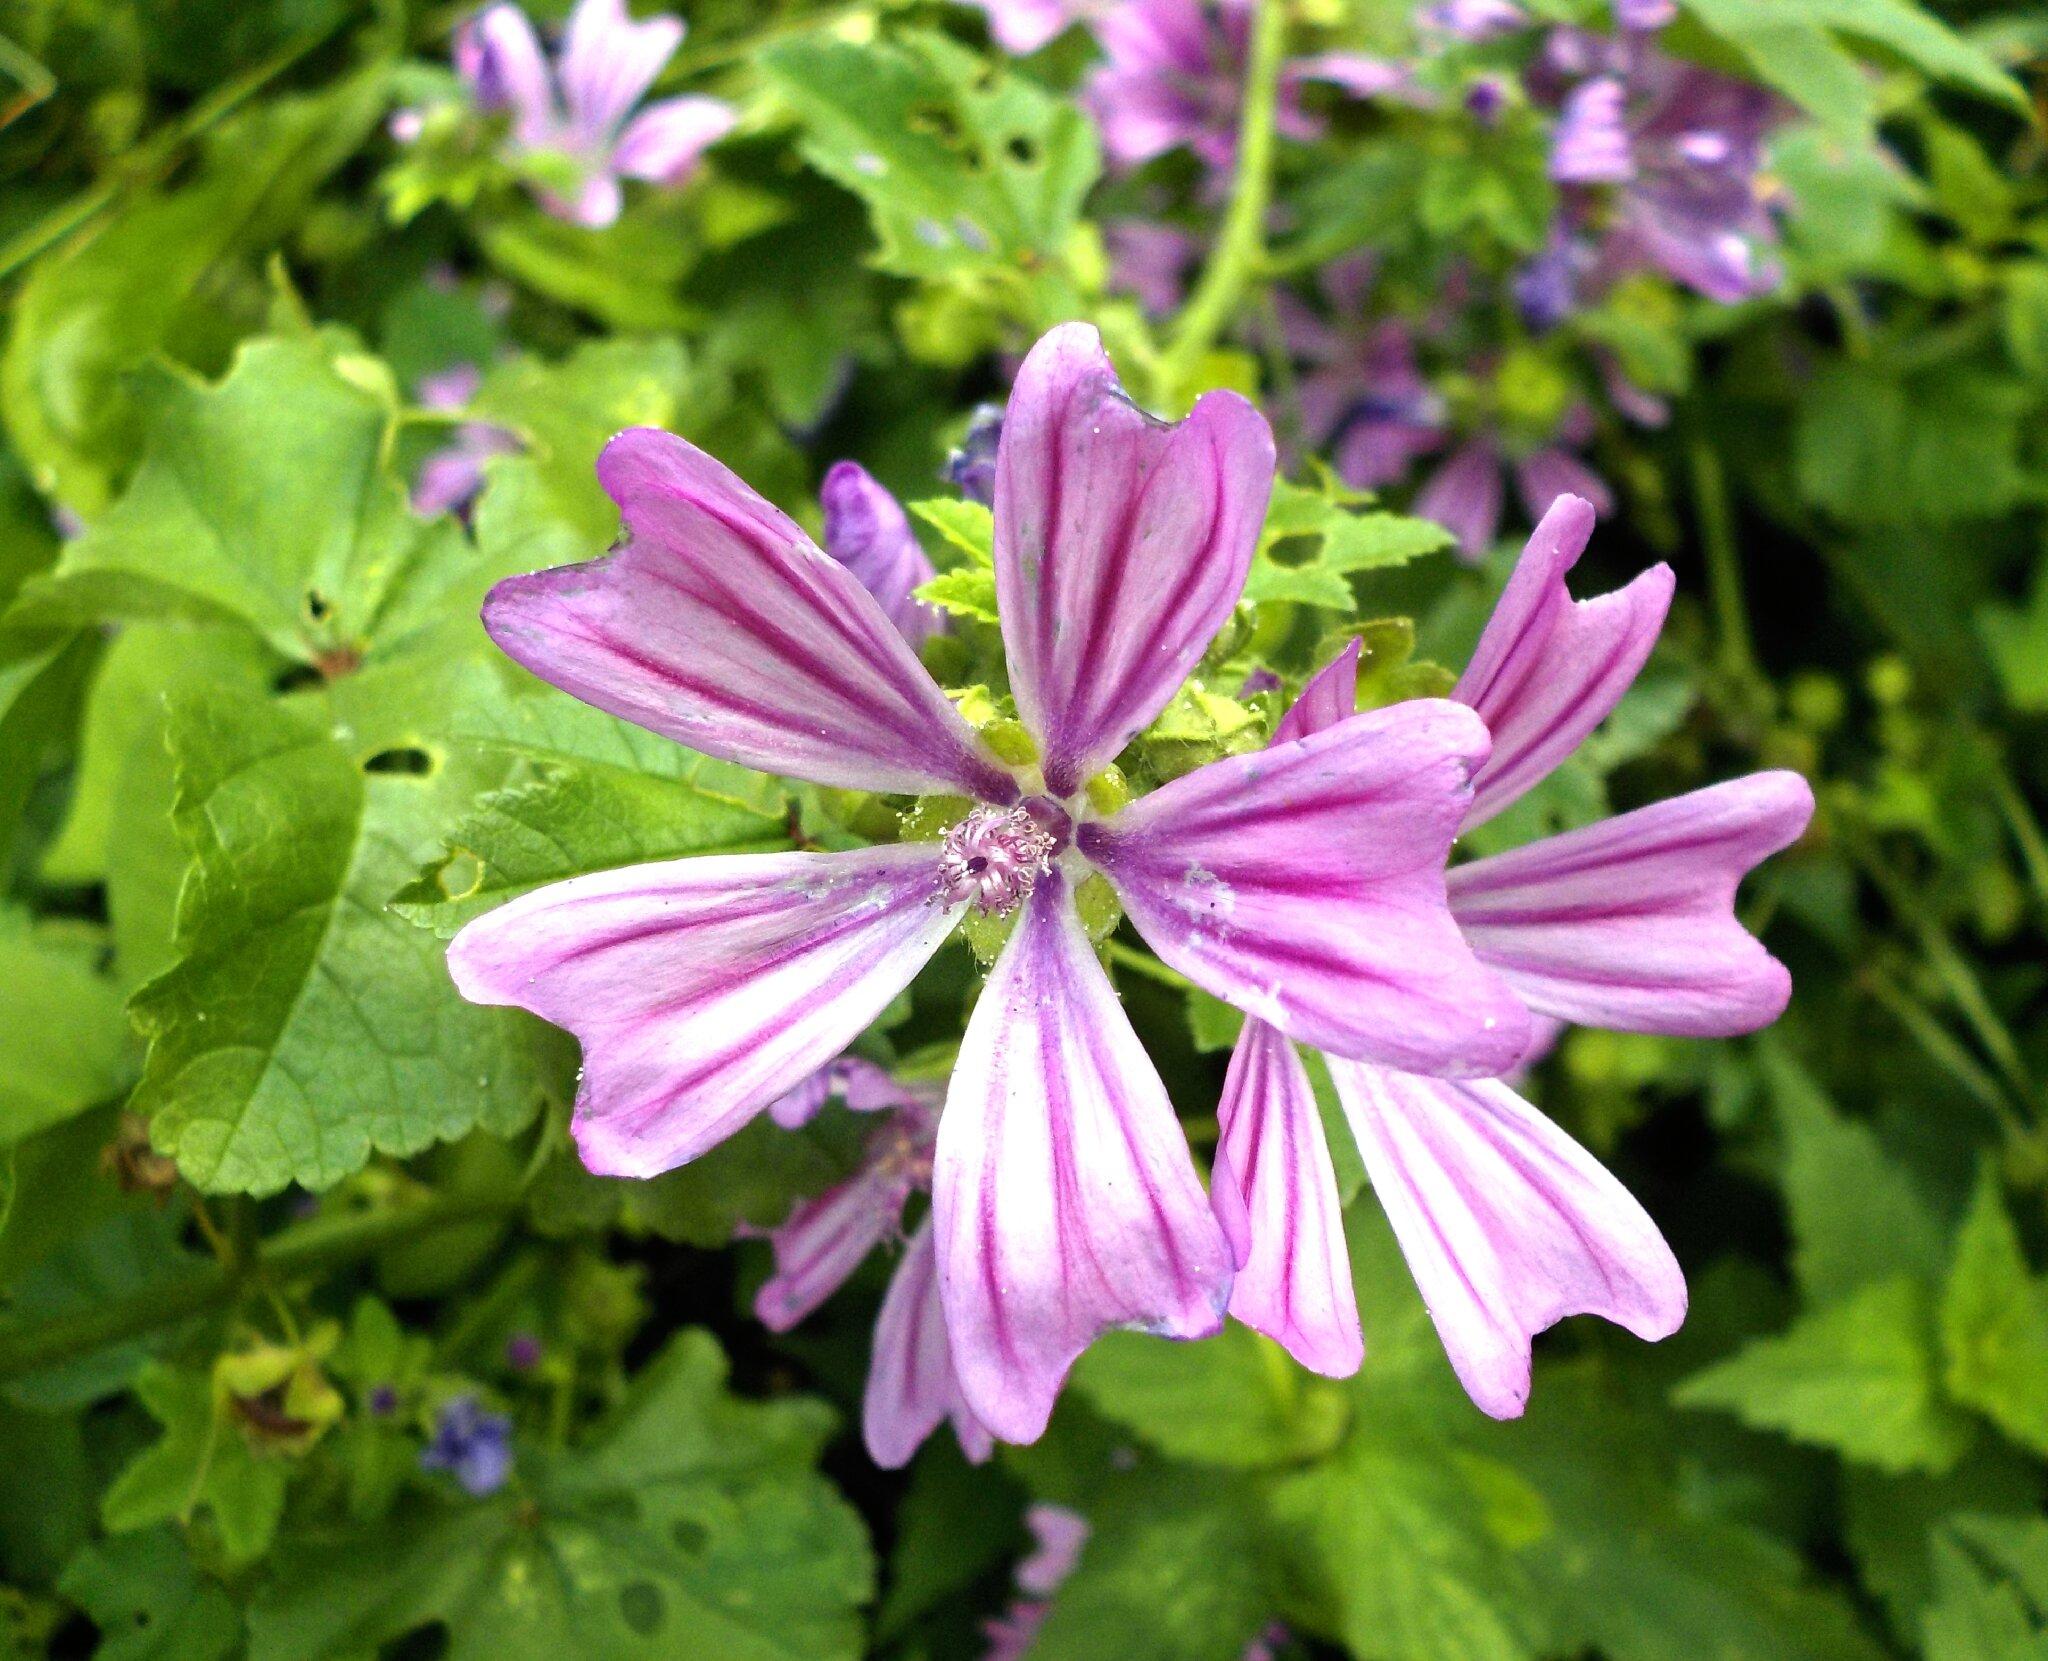 Connu La mauve sylvestre (d'autres mauves) - Les plantes oubliées YD98